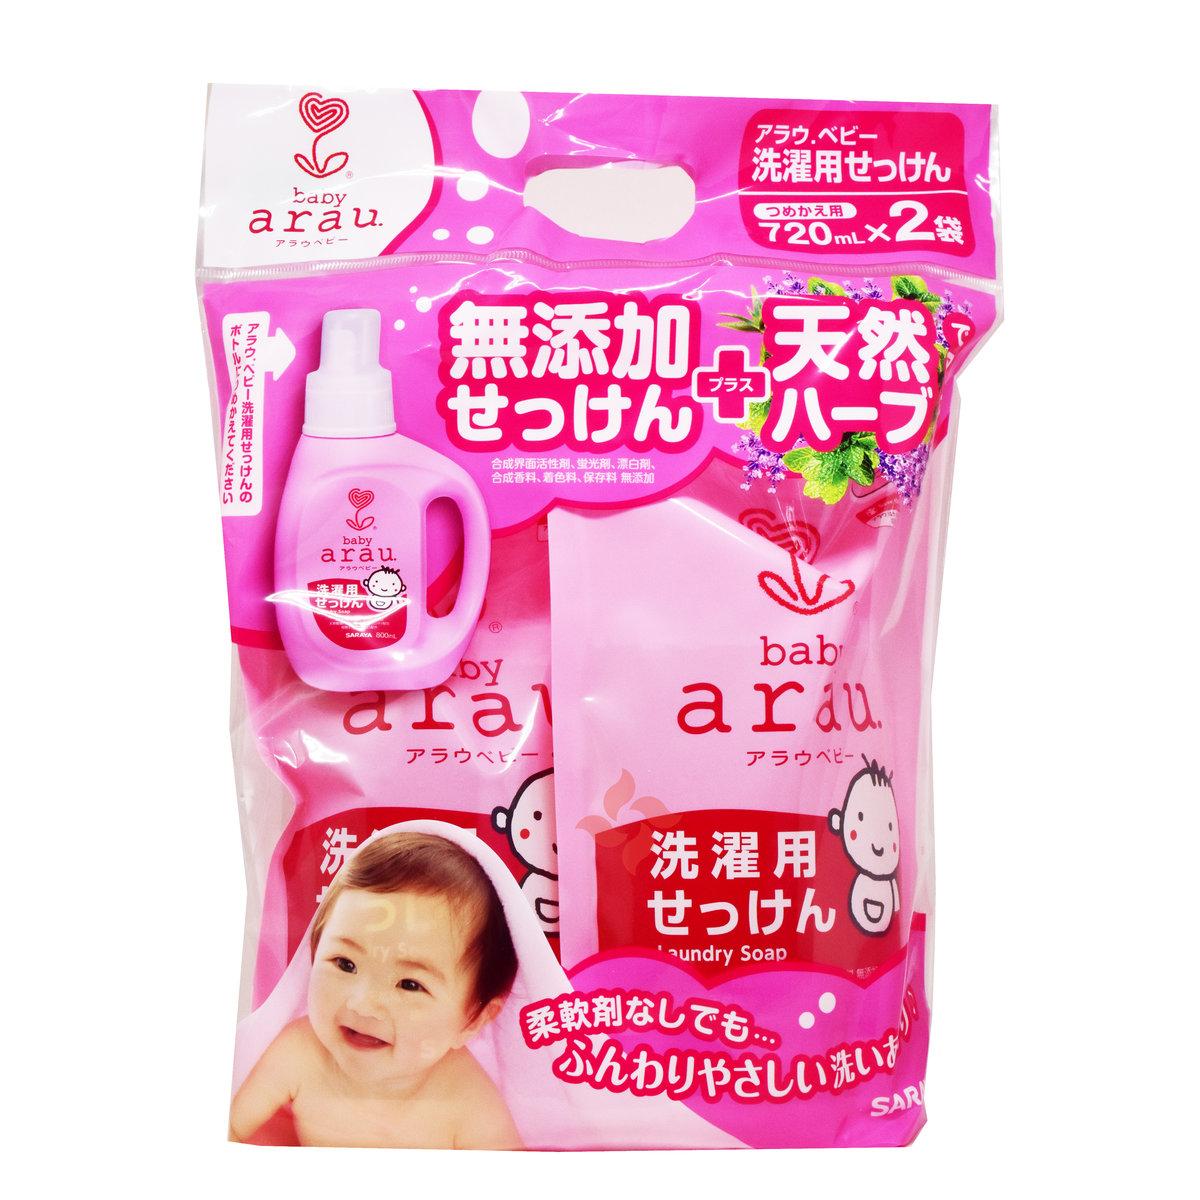 嬰兒衣服洗衣液補充裝 720ml x 2包入 (4973512257469)